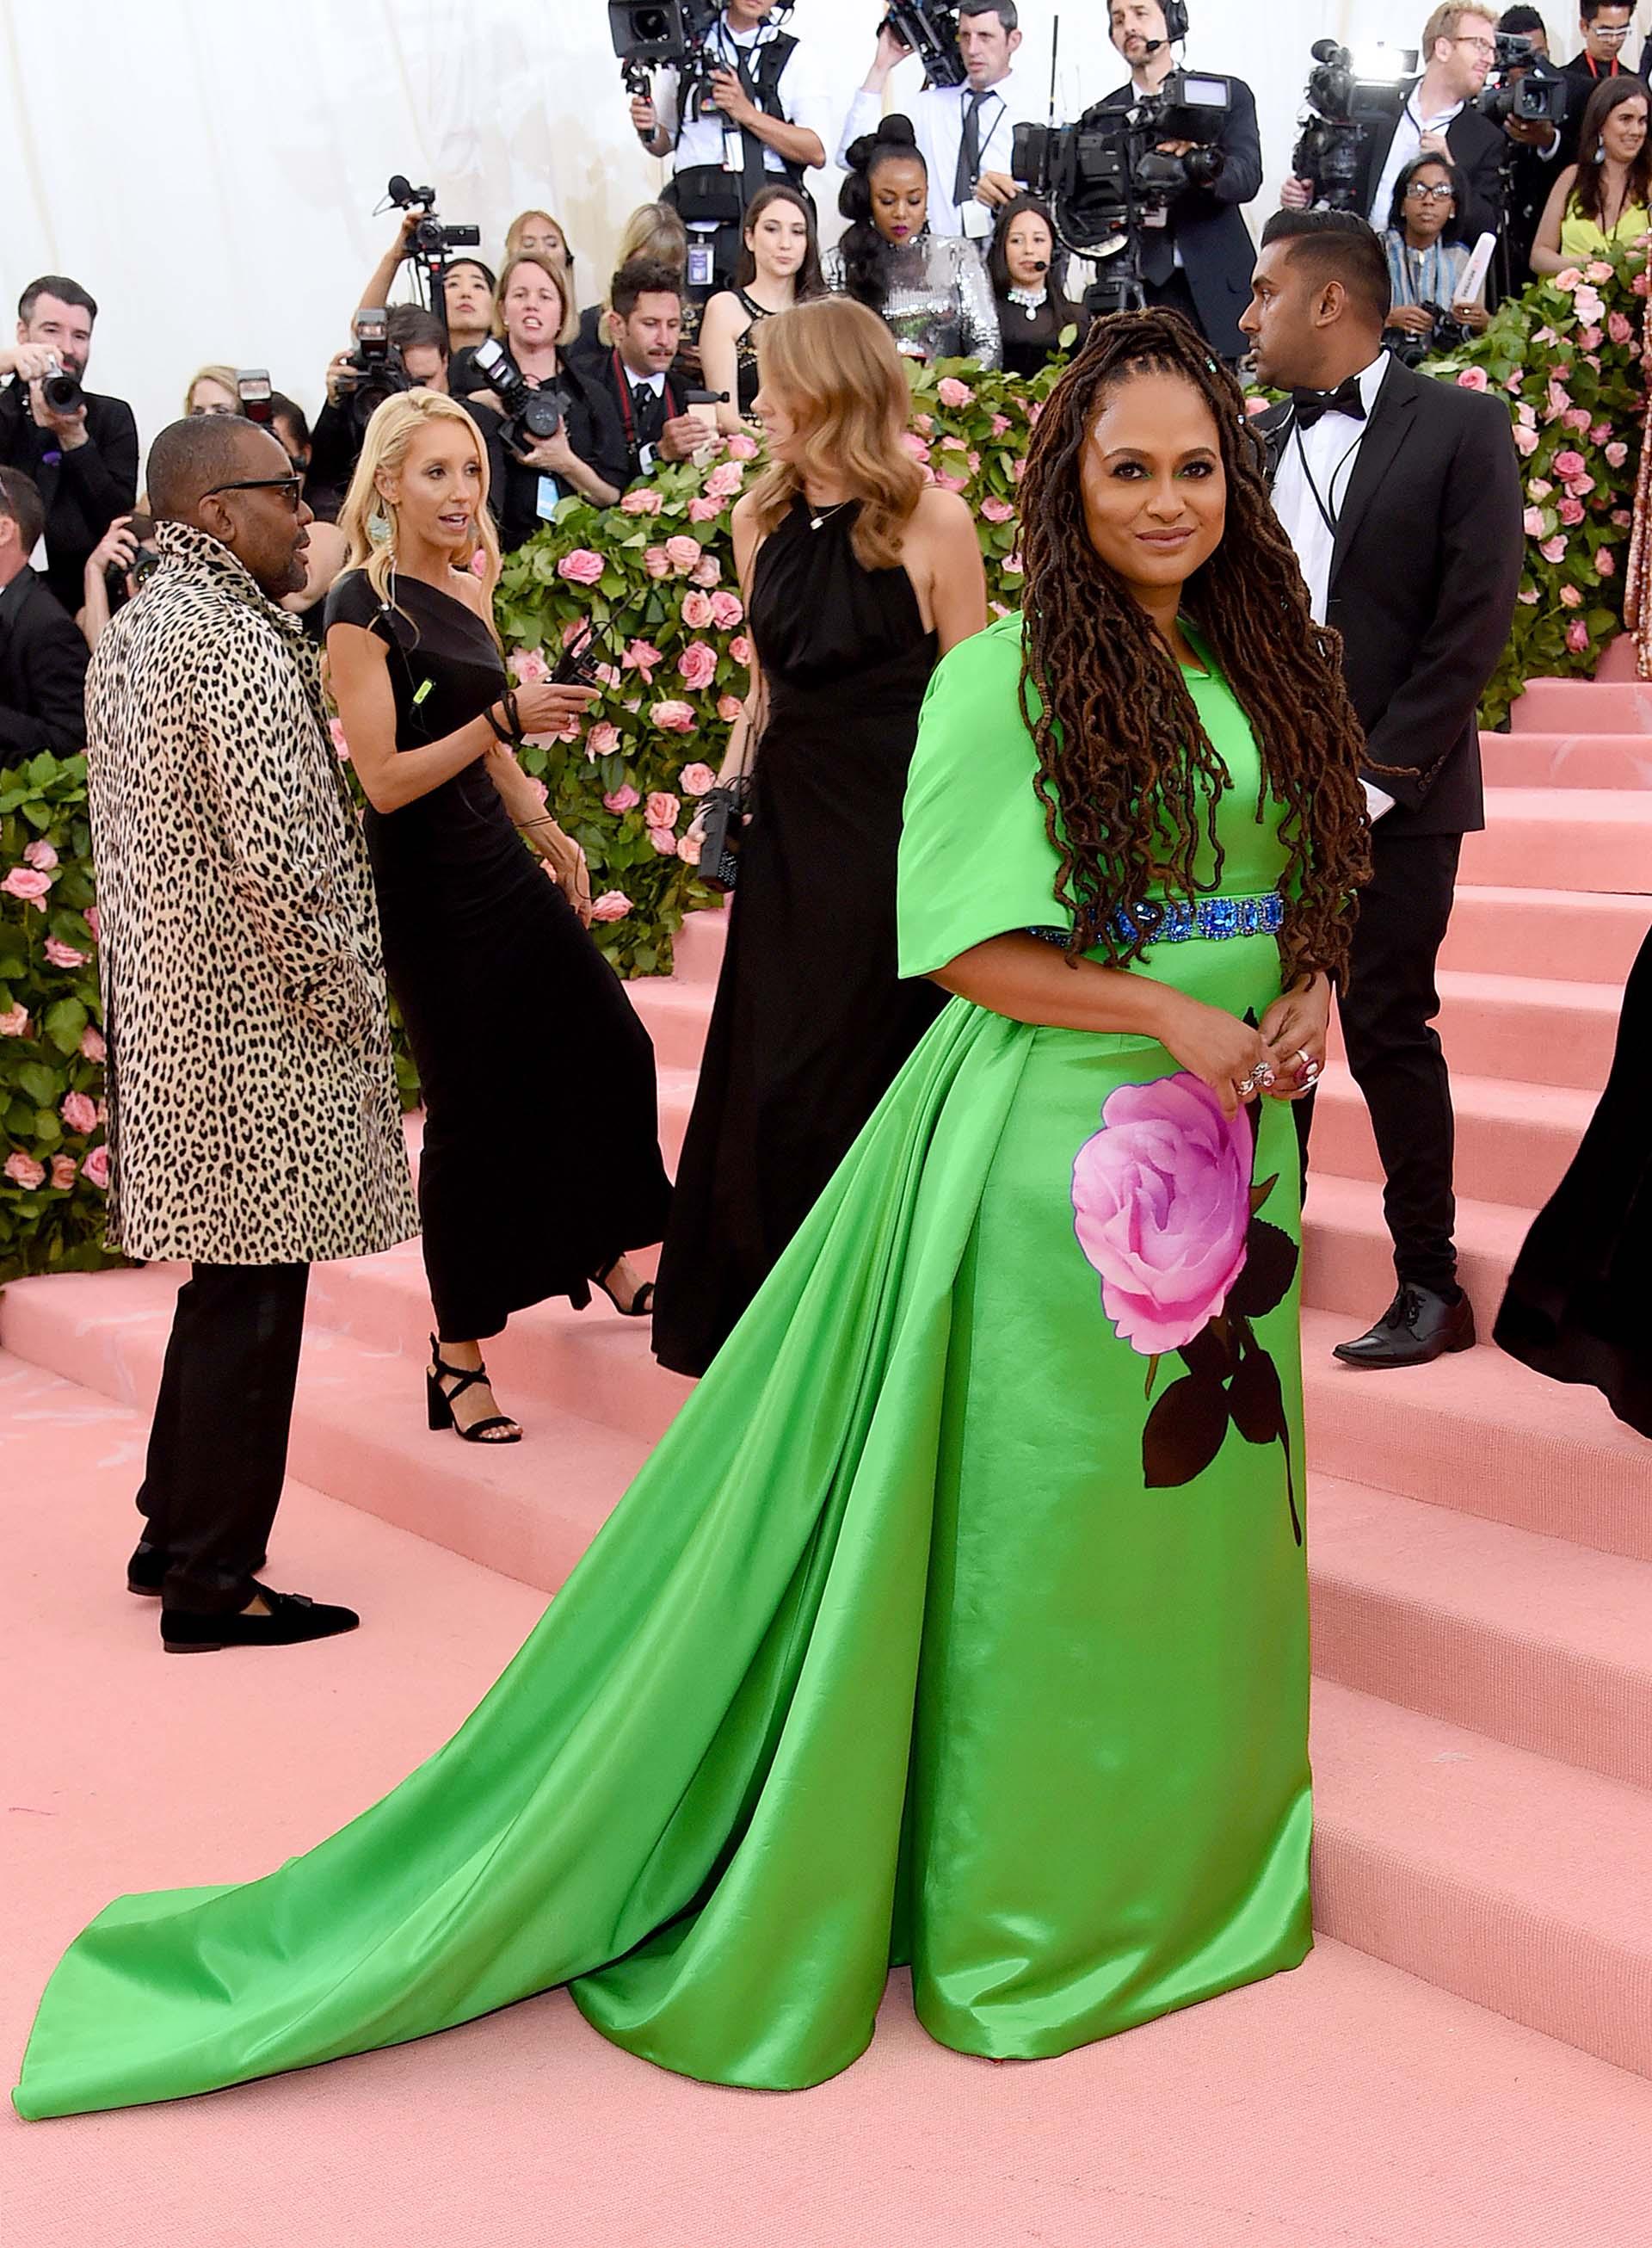 La directora de cine Ava DuVernaylució un modelo muy kitsch de Prada en color verde loro con una rosa gigante como estampado en el frente